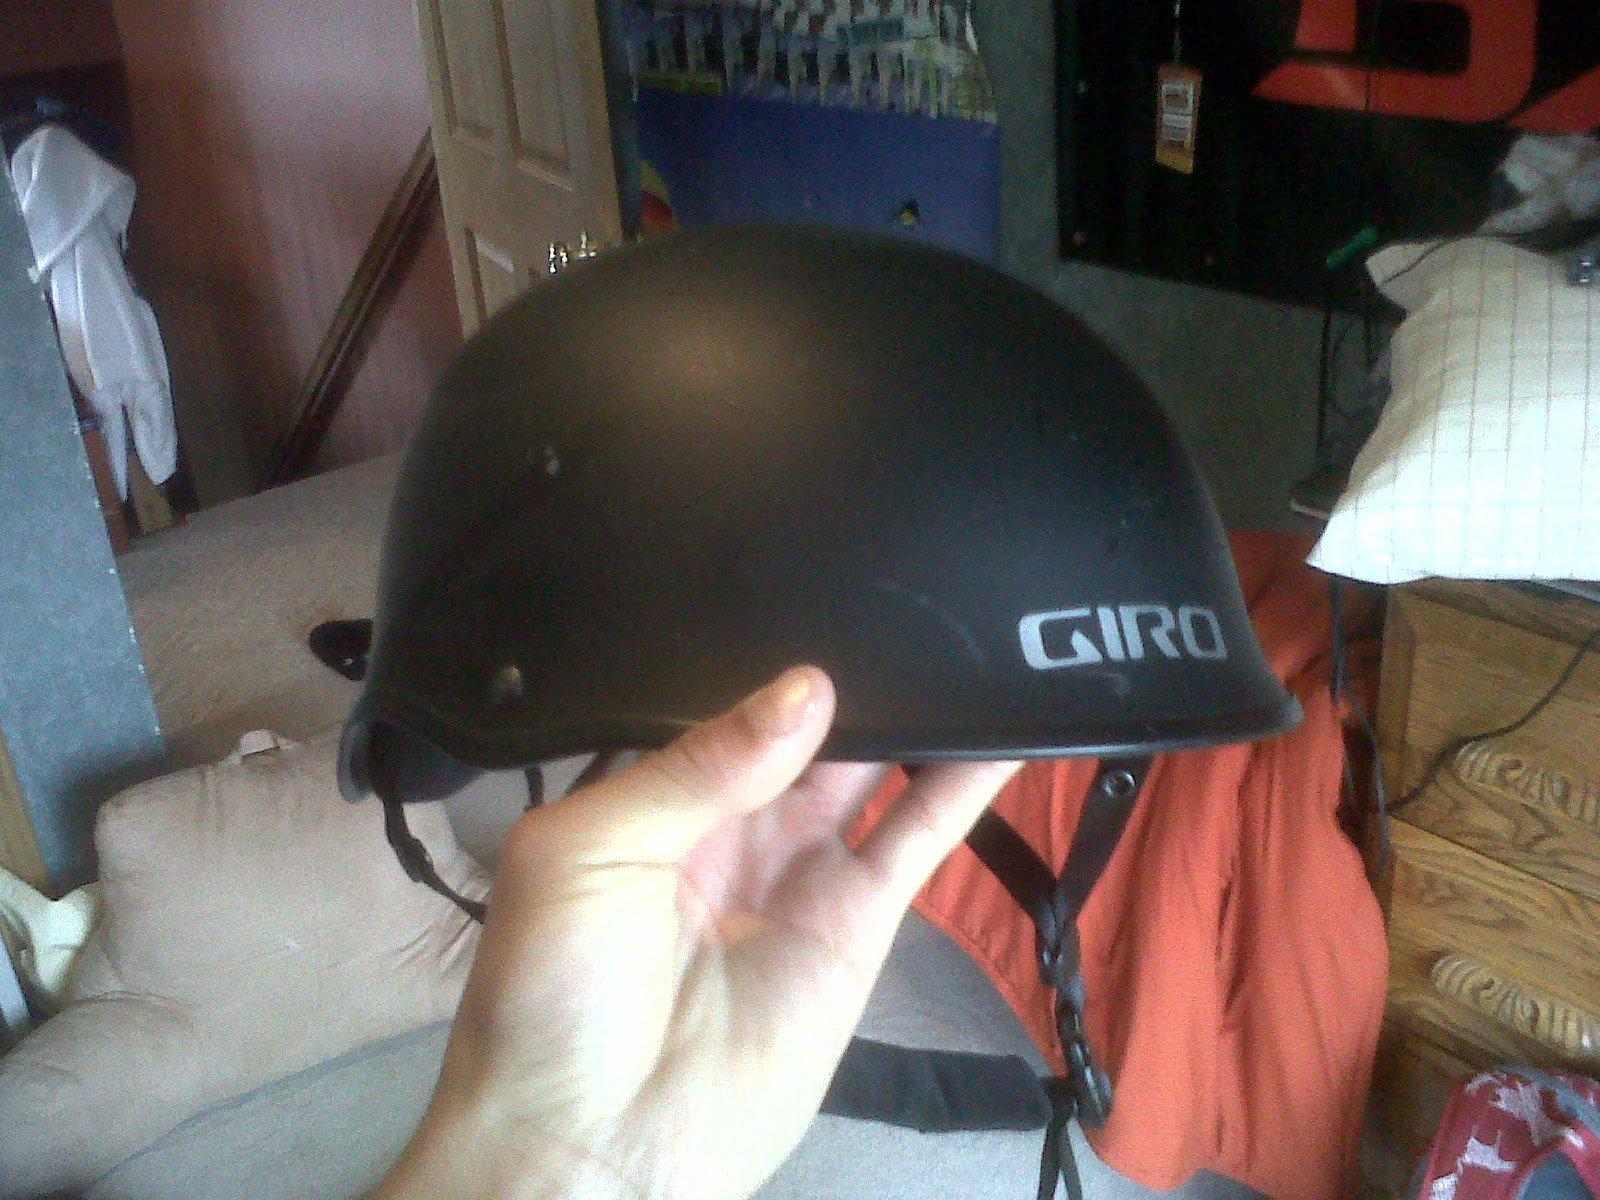 Giro bad leutenit helmet for sale.. check thread